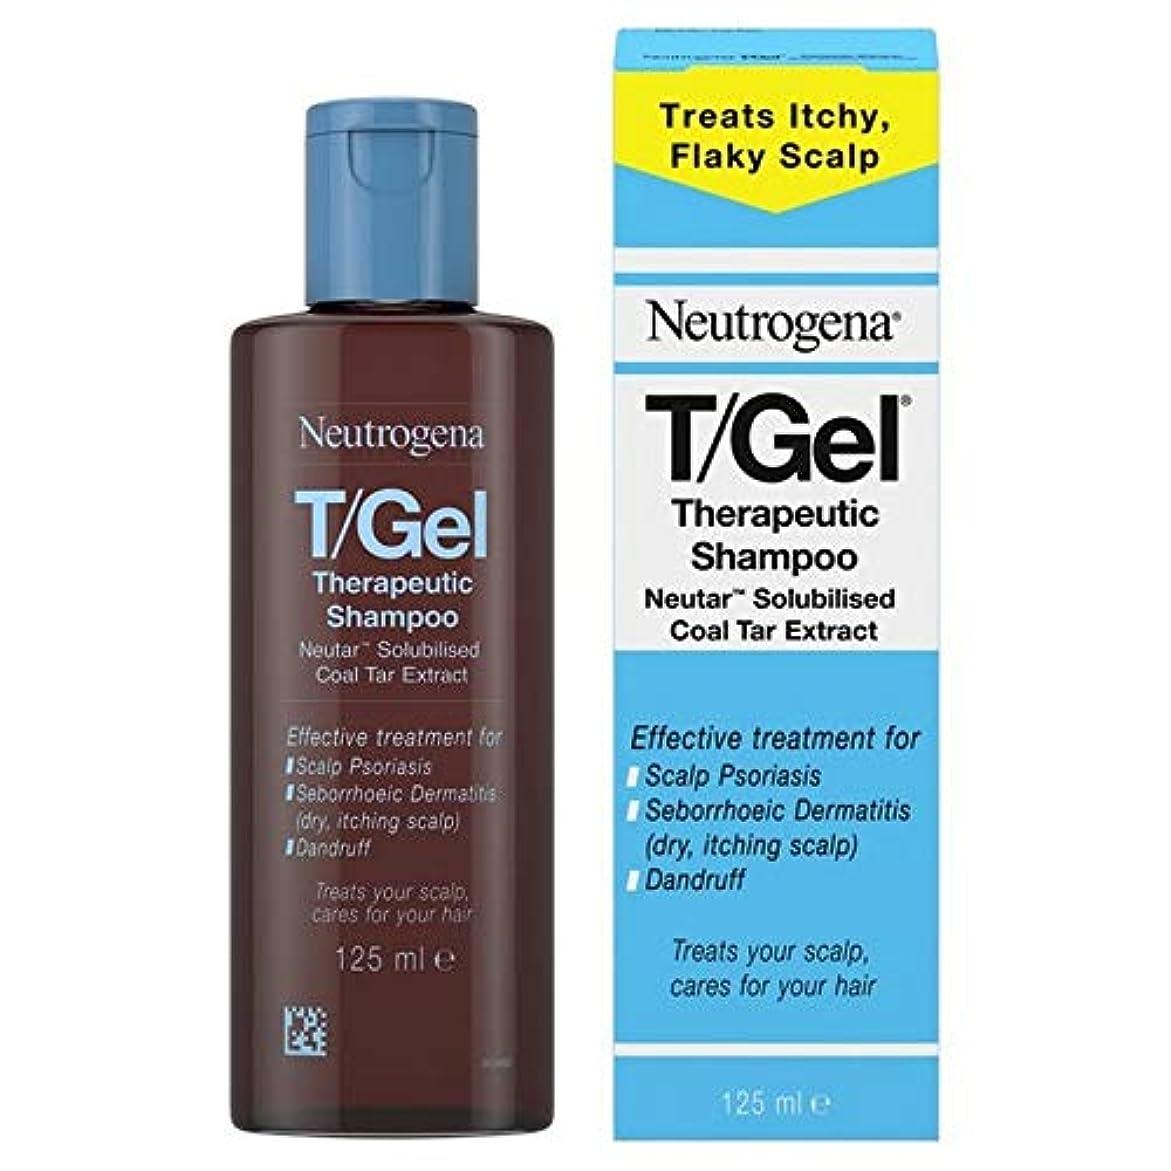 失礼な通りフレア[Neutrogena ] ニュートロジーナのT /ゲル治療シャンプー125ミリリットル - Neutrogena T/Gel Therapeutic Shampoo 125ml [並行輸入品]